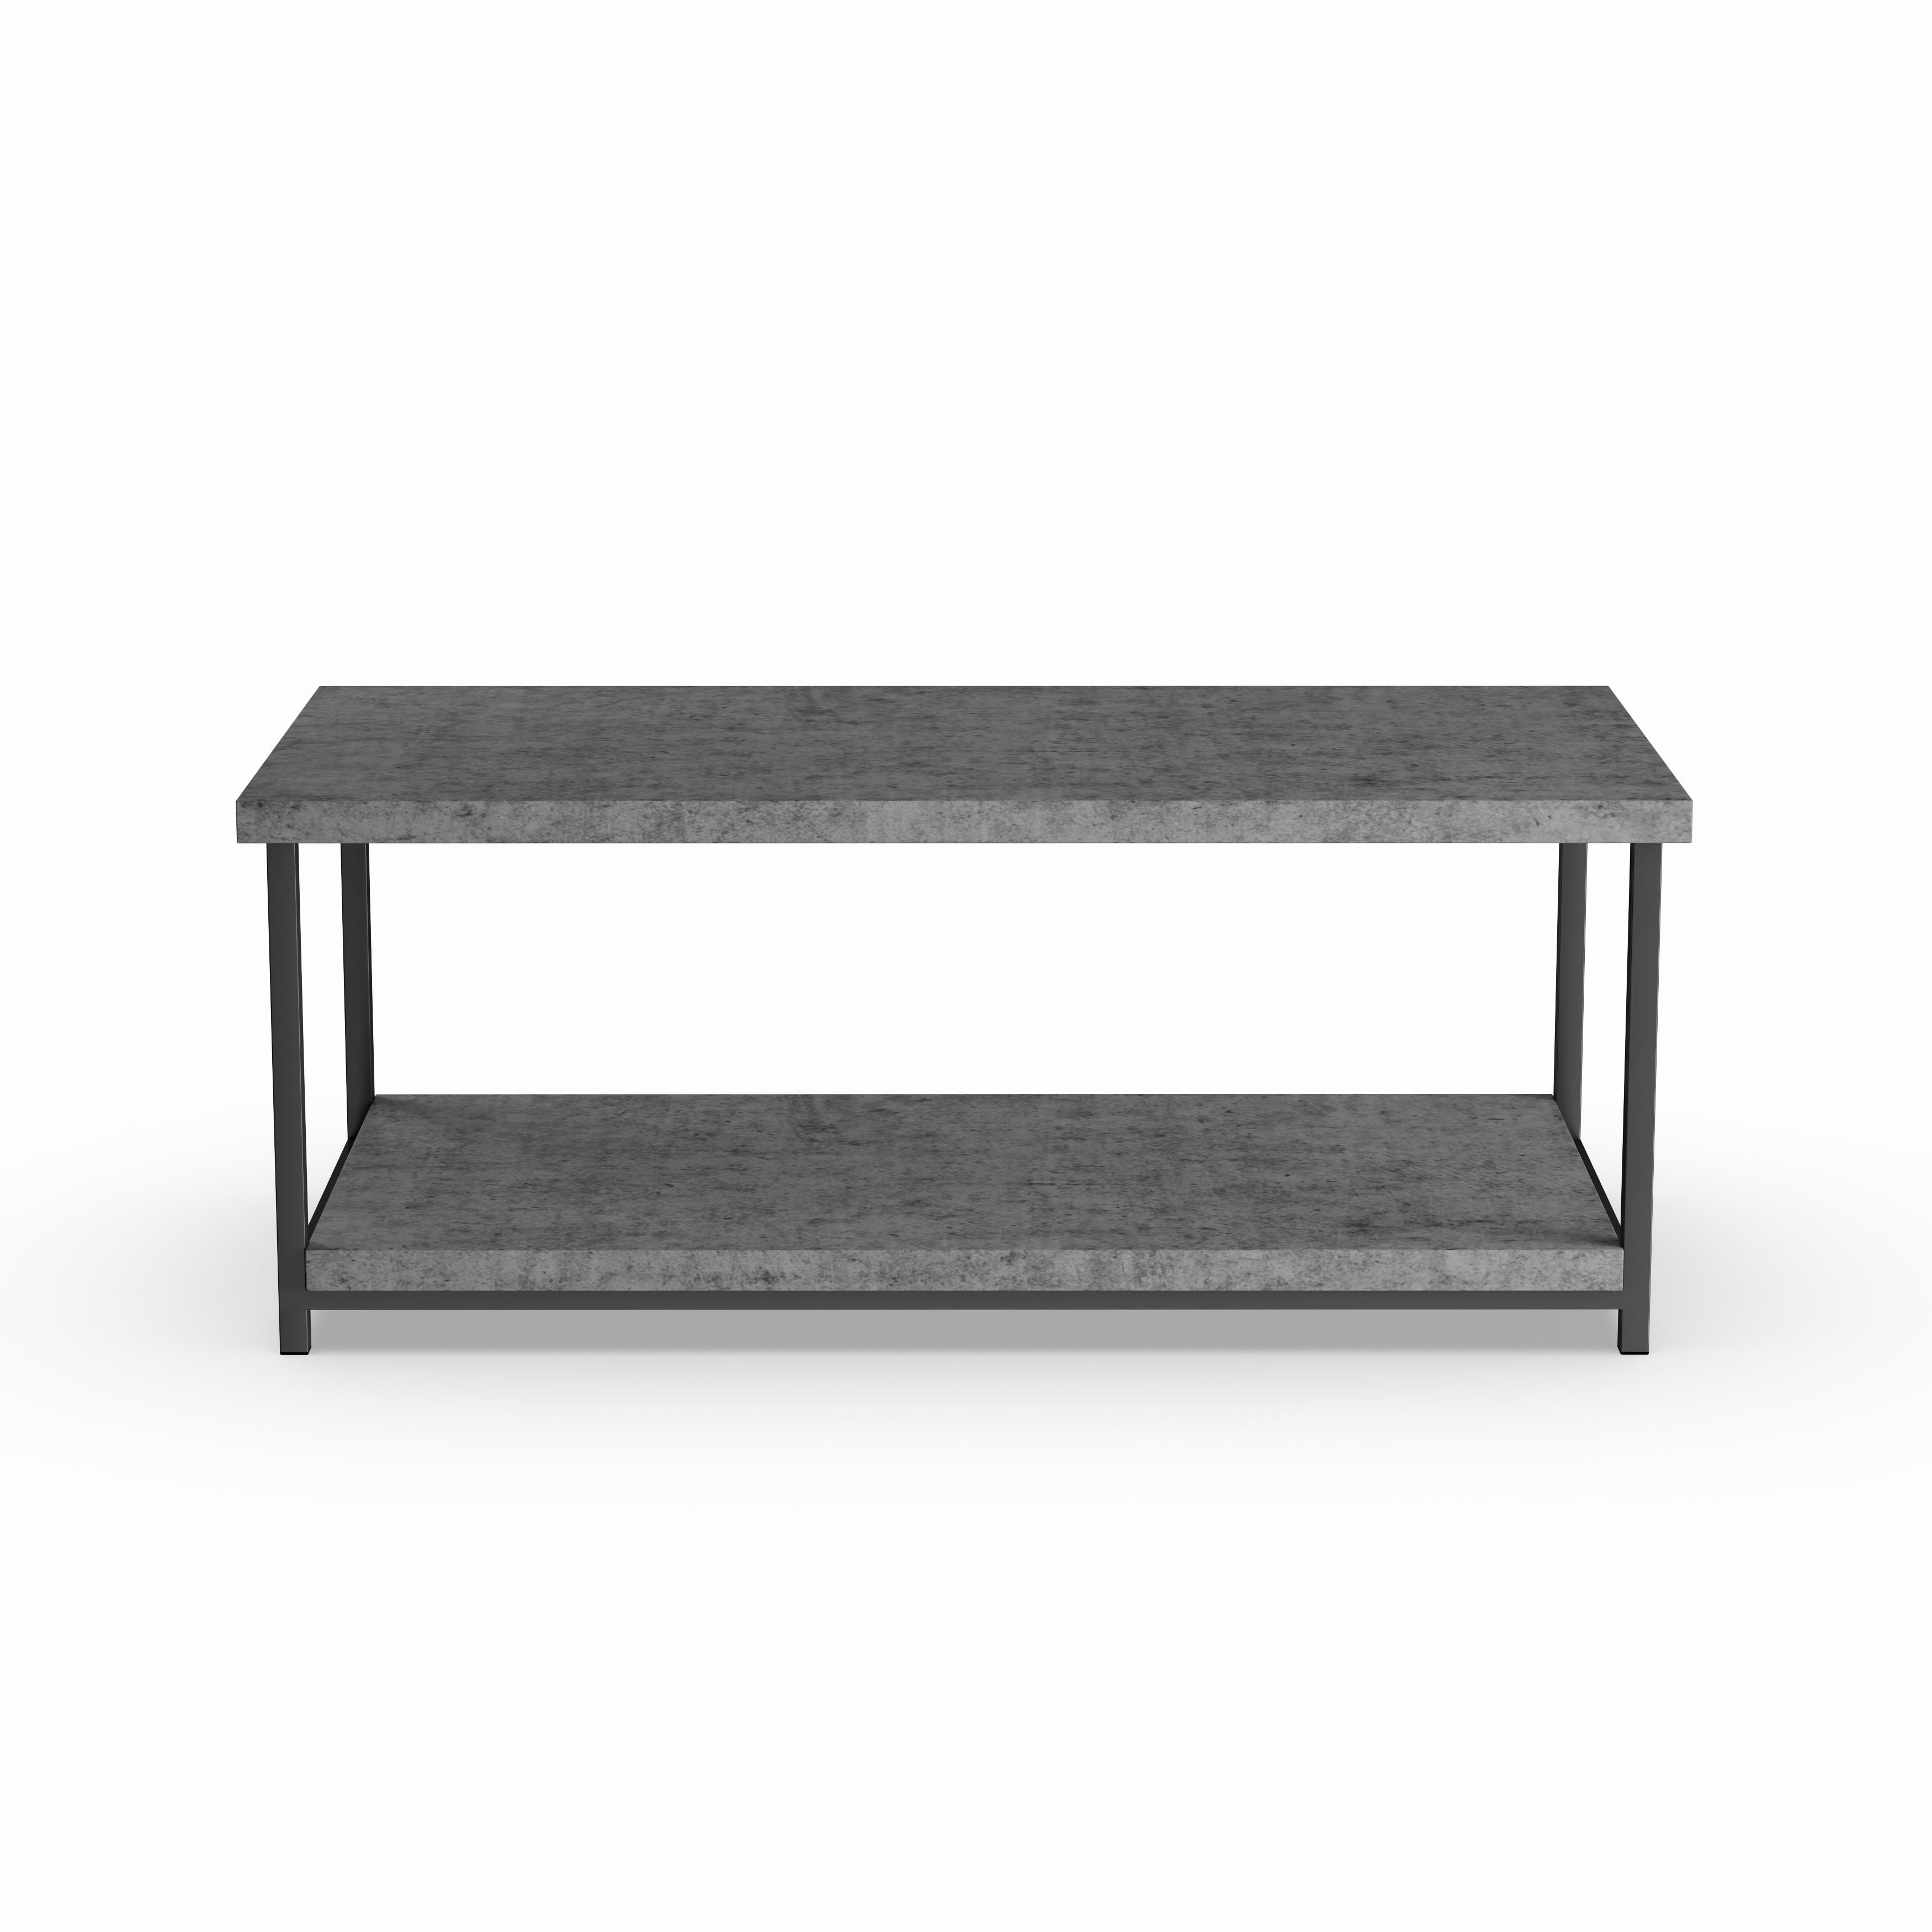 Shop Carbon Loft Shikibu Faux Slate Coffee Table With Storage Shelf